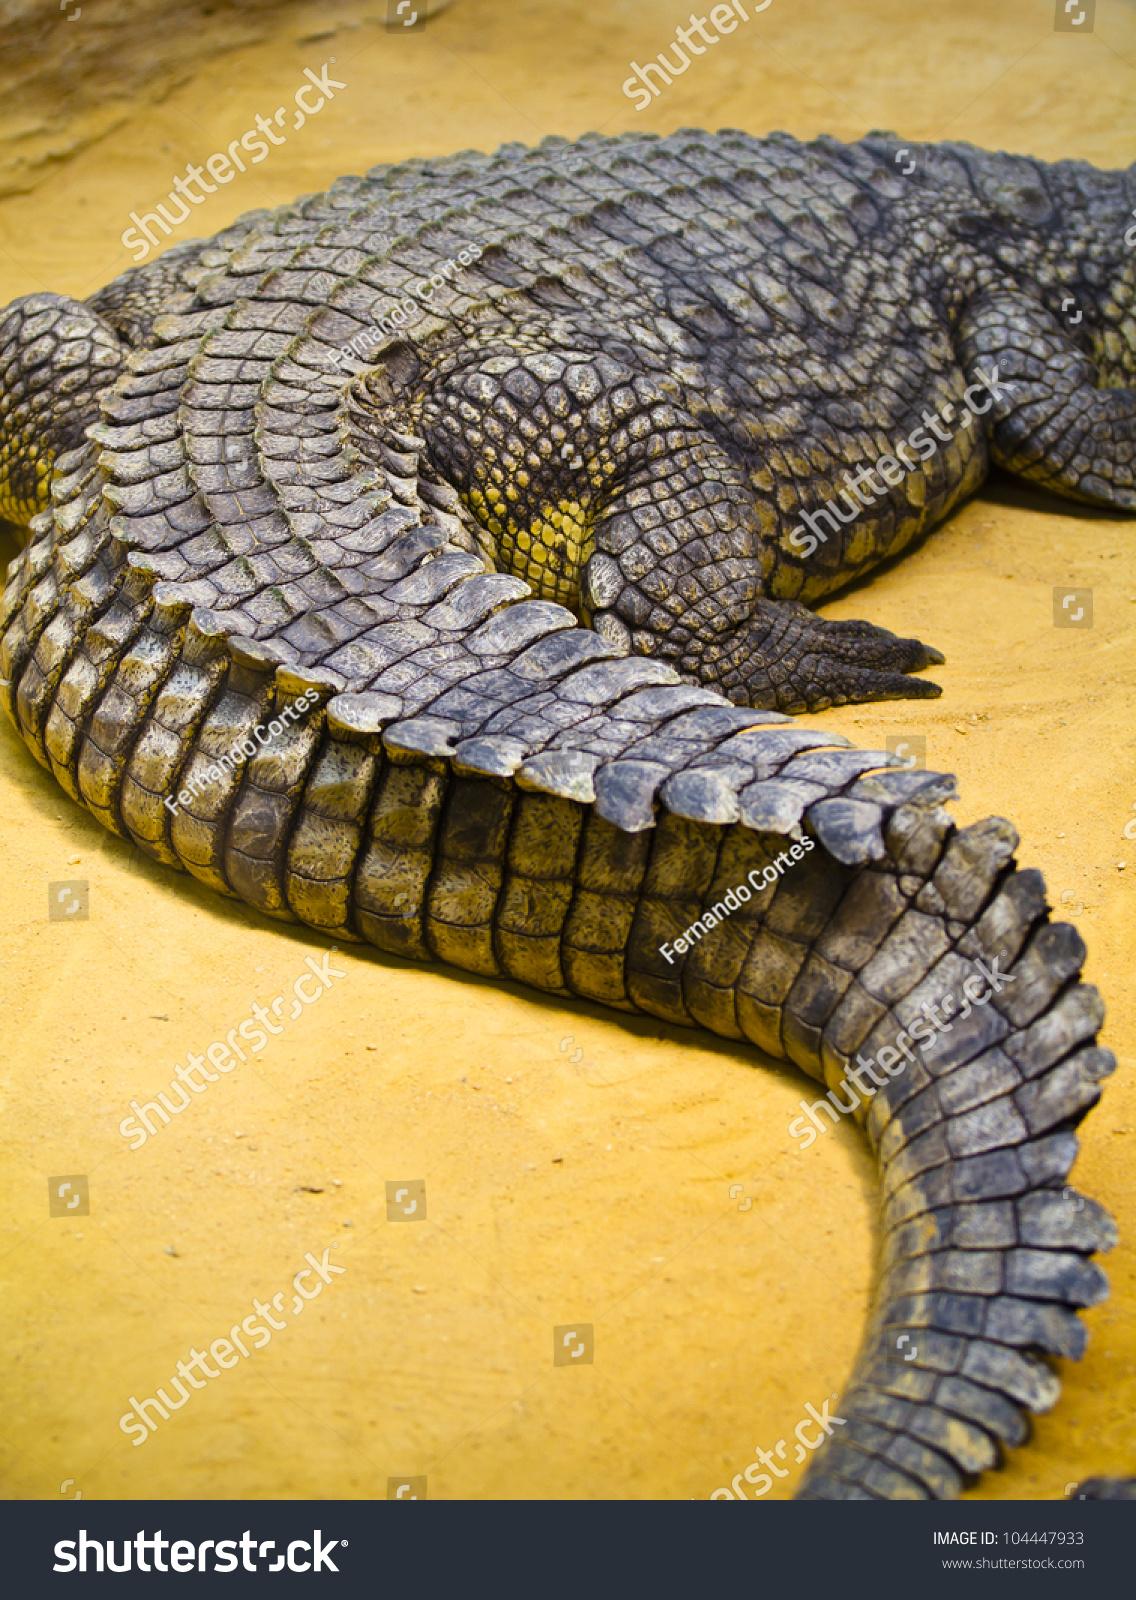 Crocodile tail - photo#17